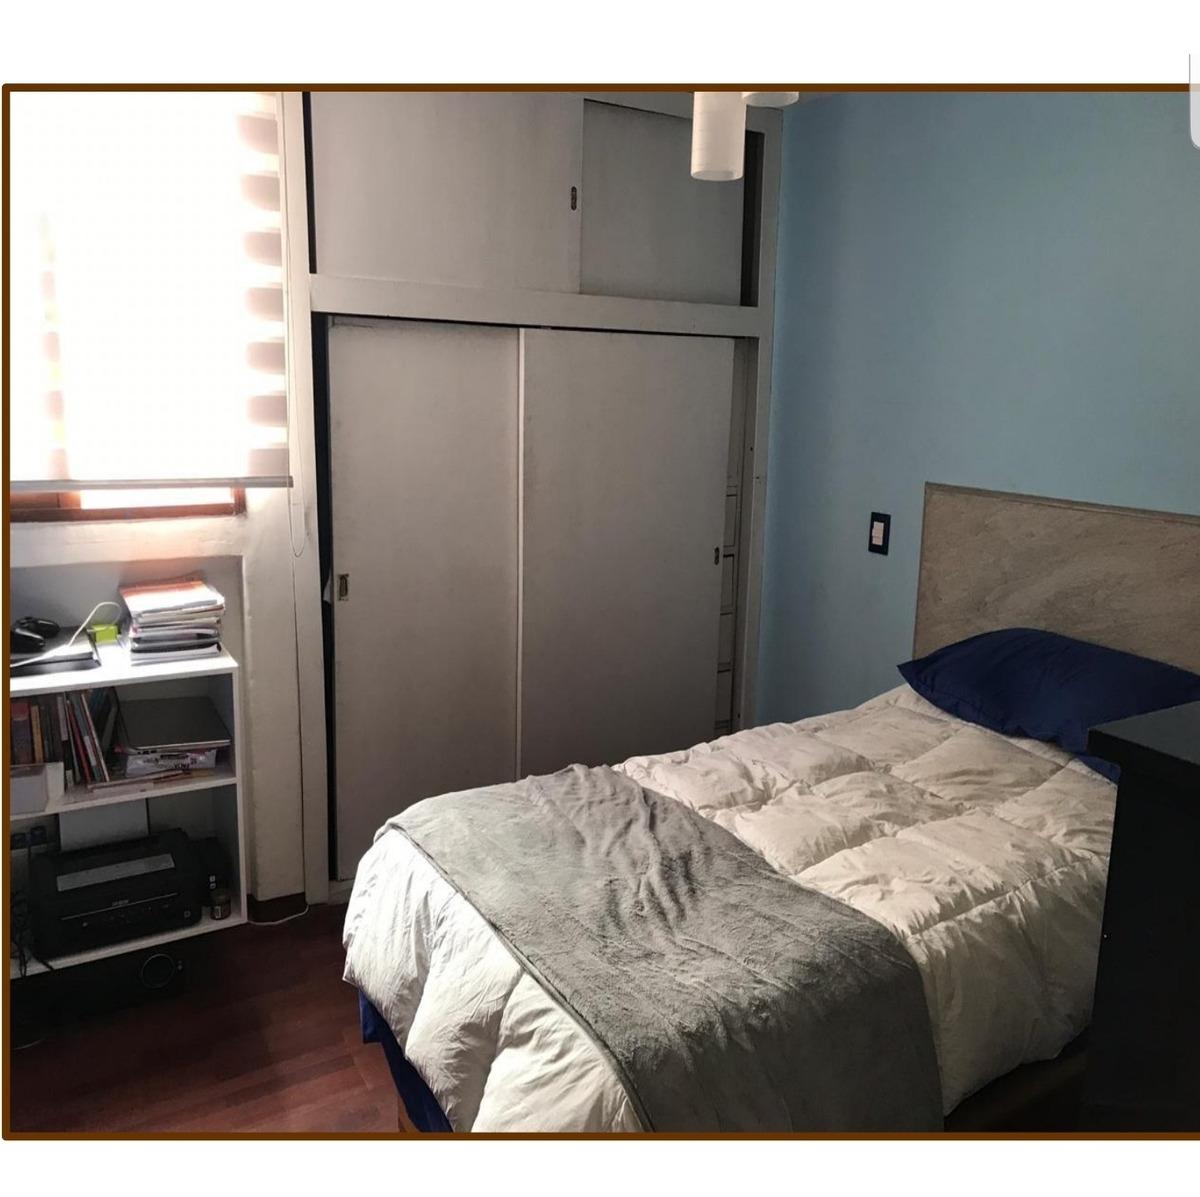 rento habitacion amueblada , lugar tranquilo y seguro